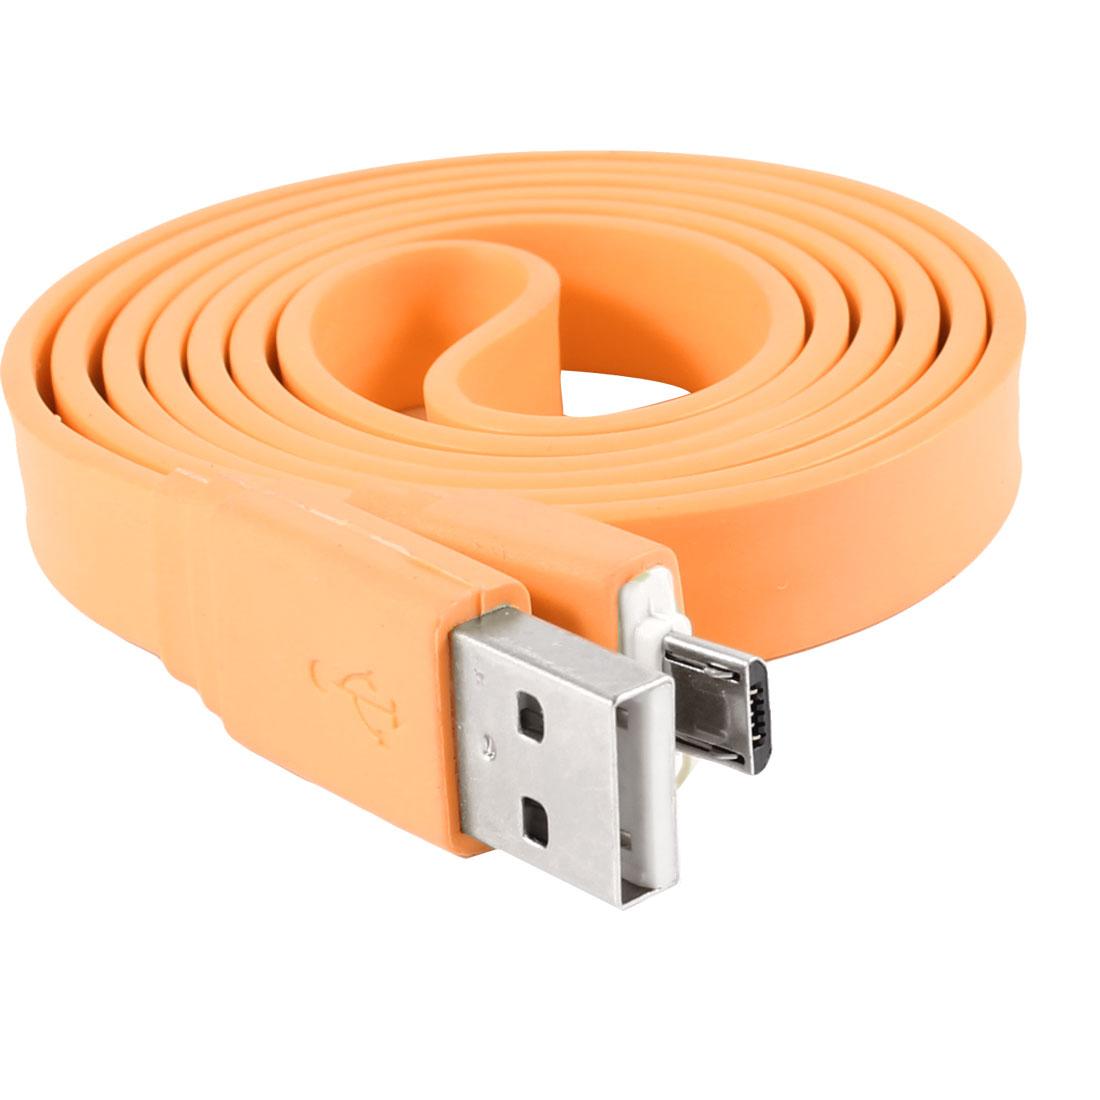 Unique Bargains Orange Plastc Micro USB 5 Pin Flat Data C...